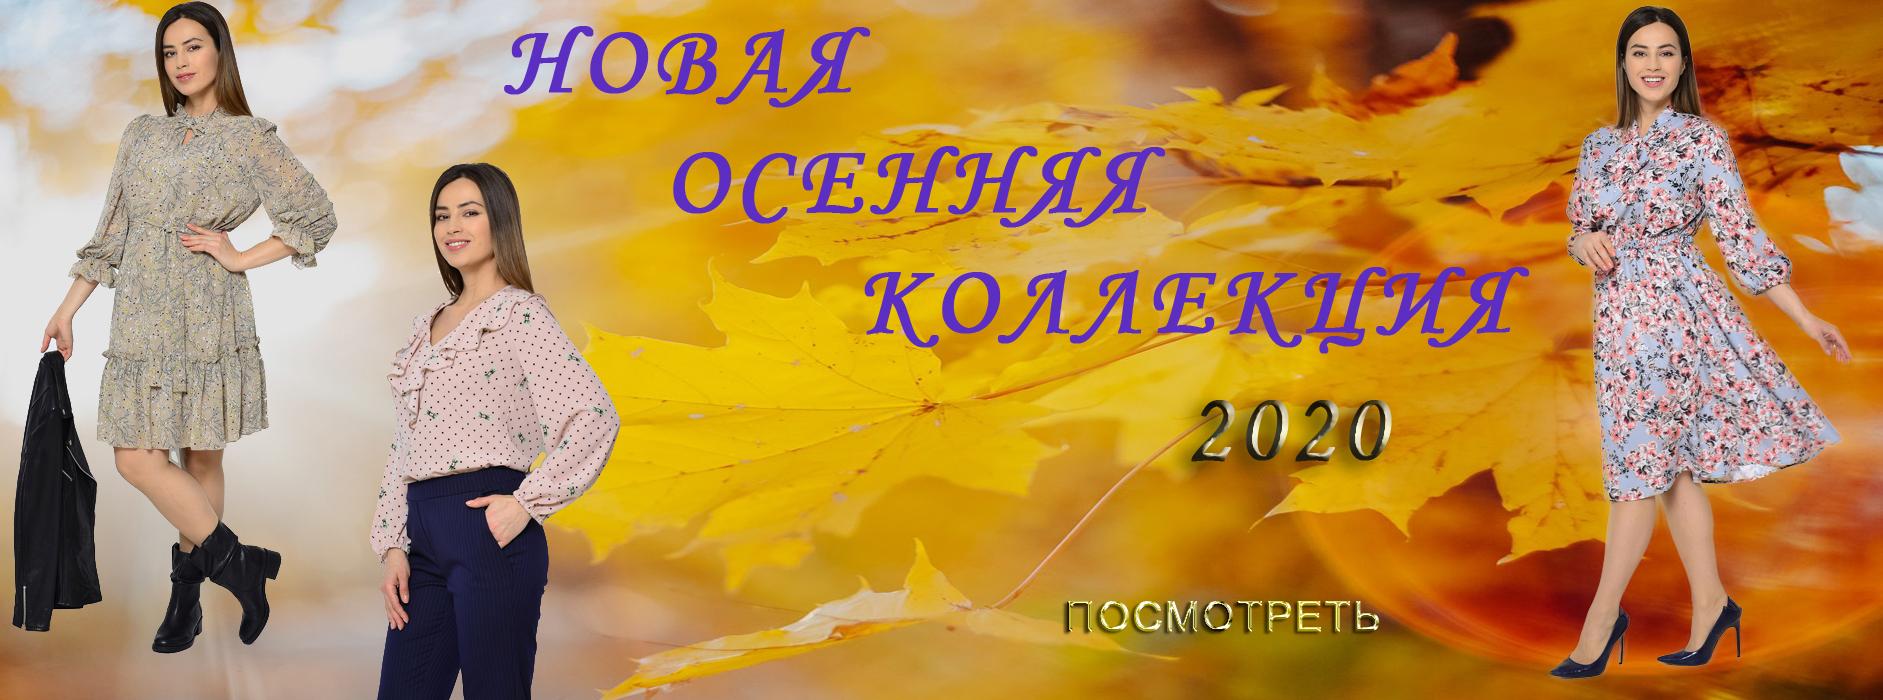 Коллекция Осень 2020 Теплая палитра элегантности